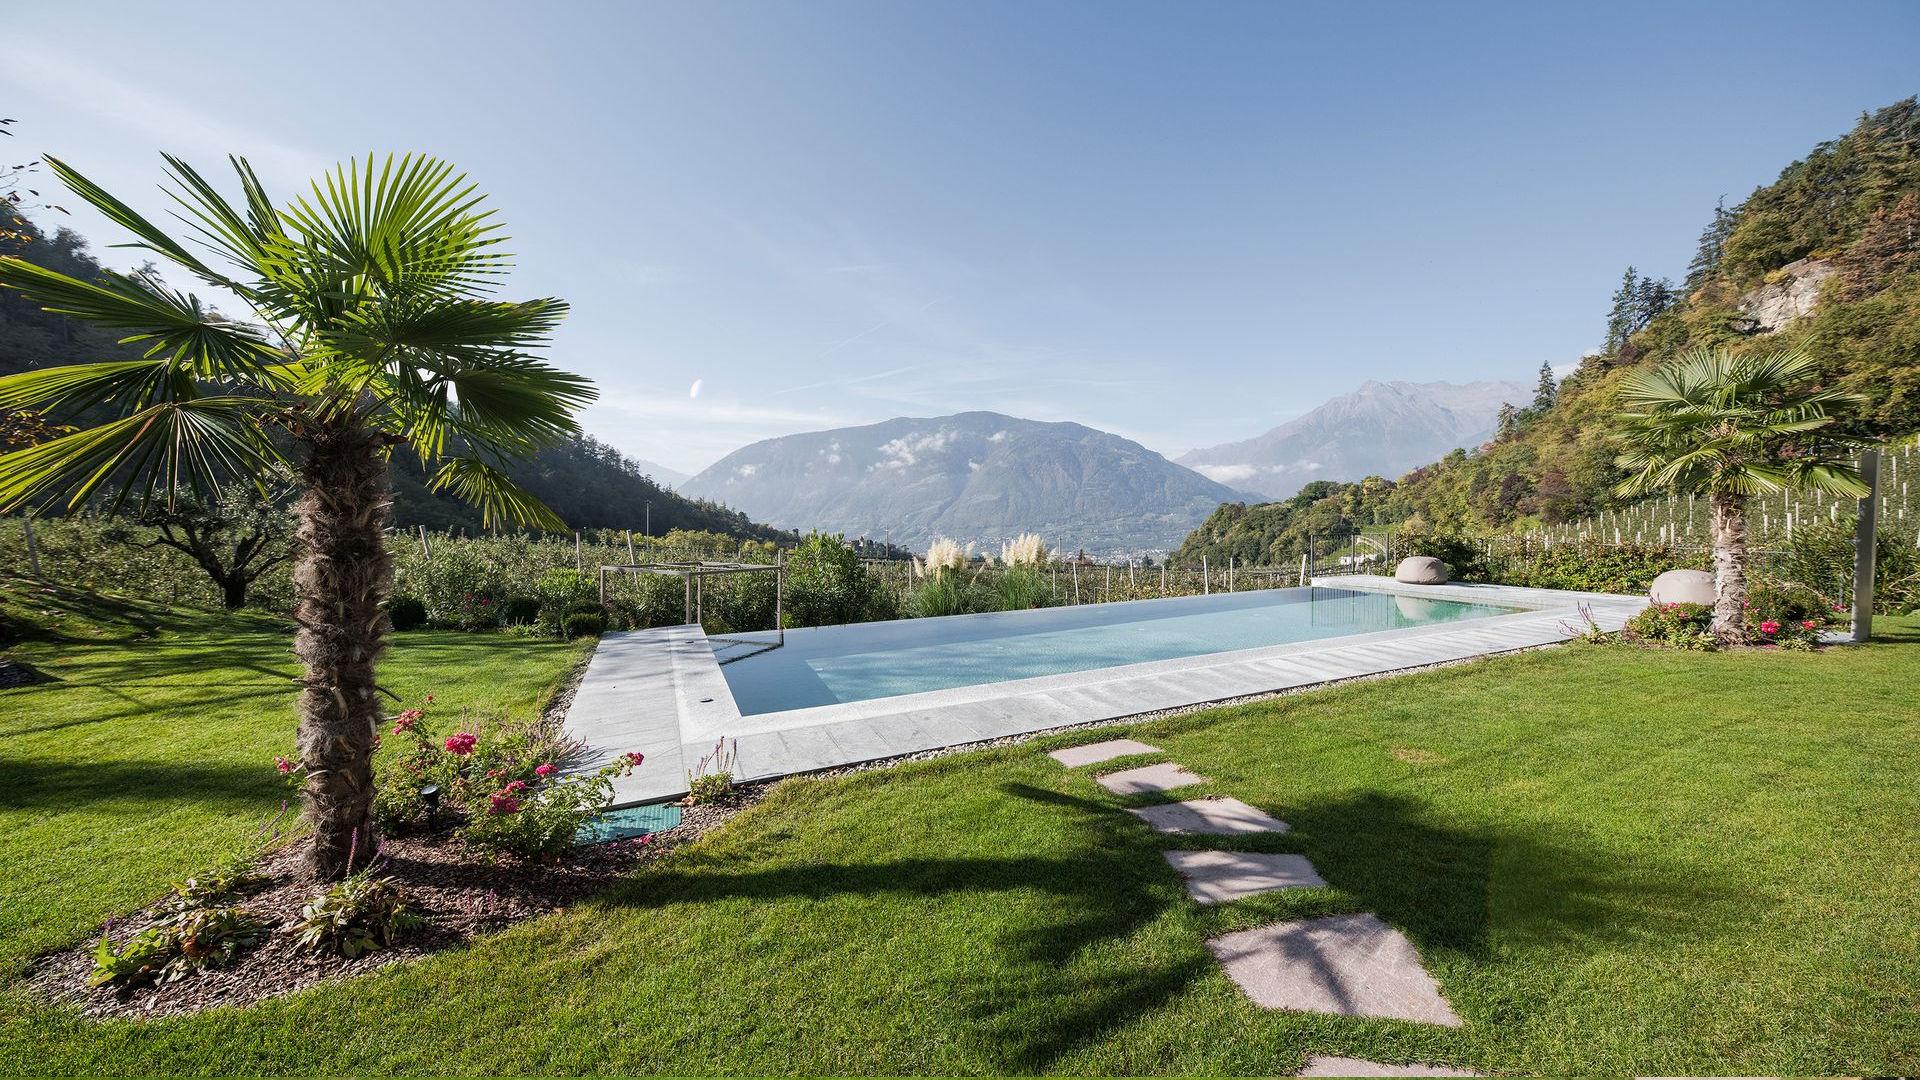 Piscina Hotel Kiendl Scena a Merano